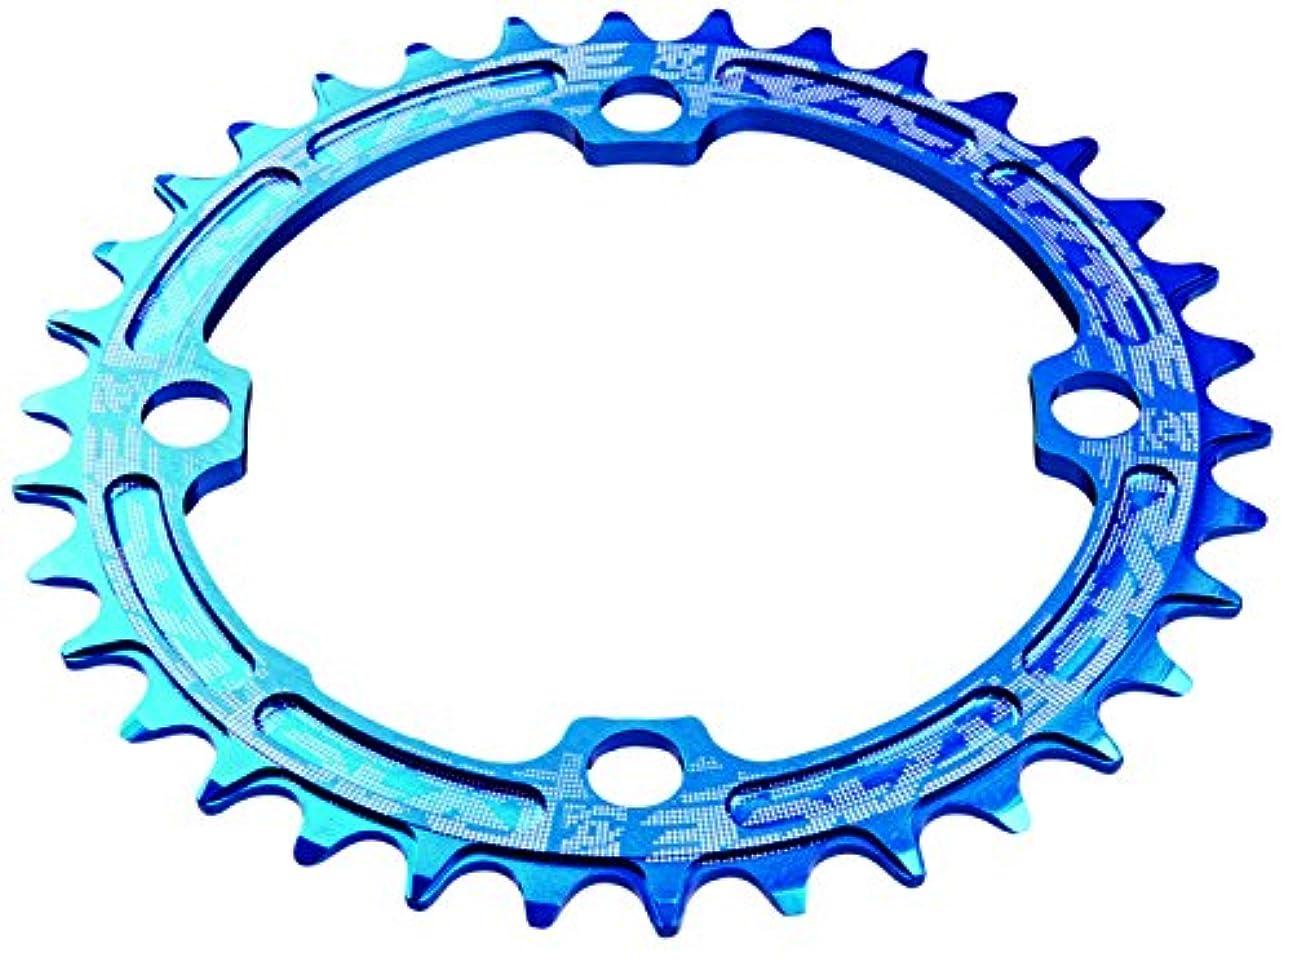 宣伝幹抑圧者RACE FACE(レースフェイス) SINGLE RING NARROW/WIDE 34T ブルー RRSNNW104X34BLU